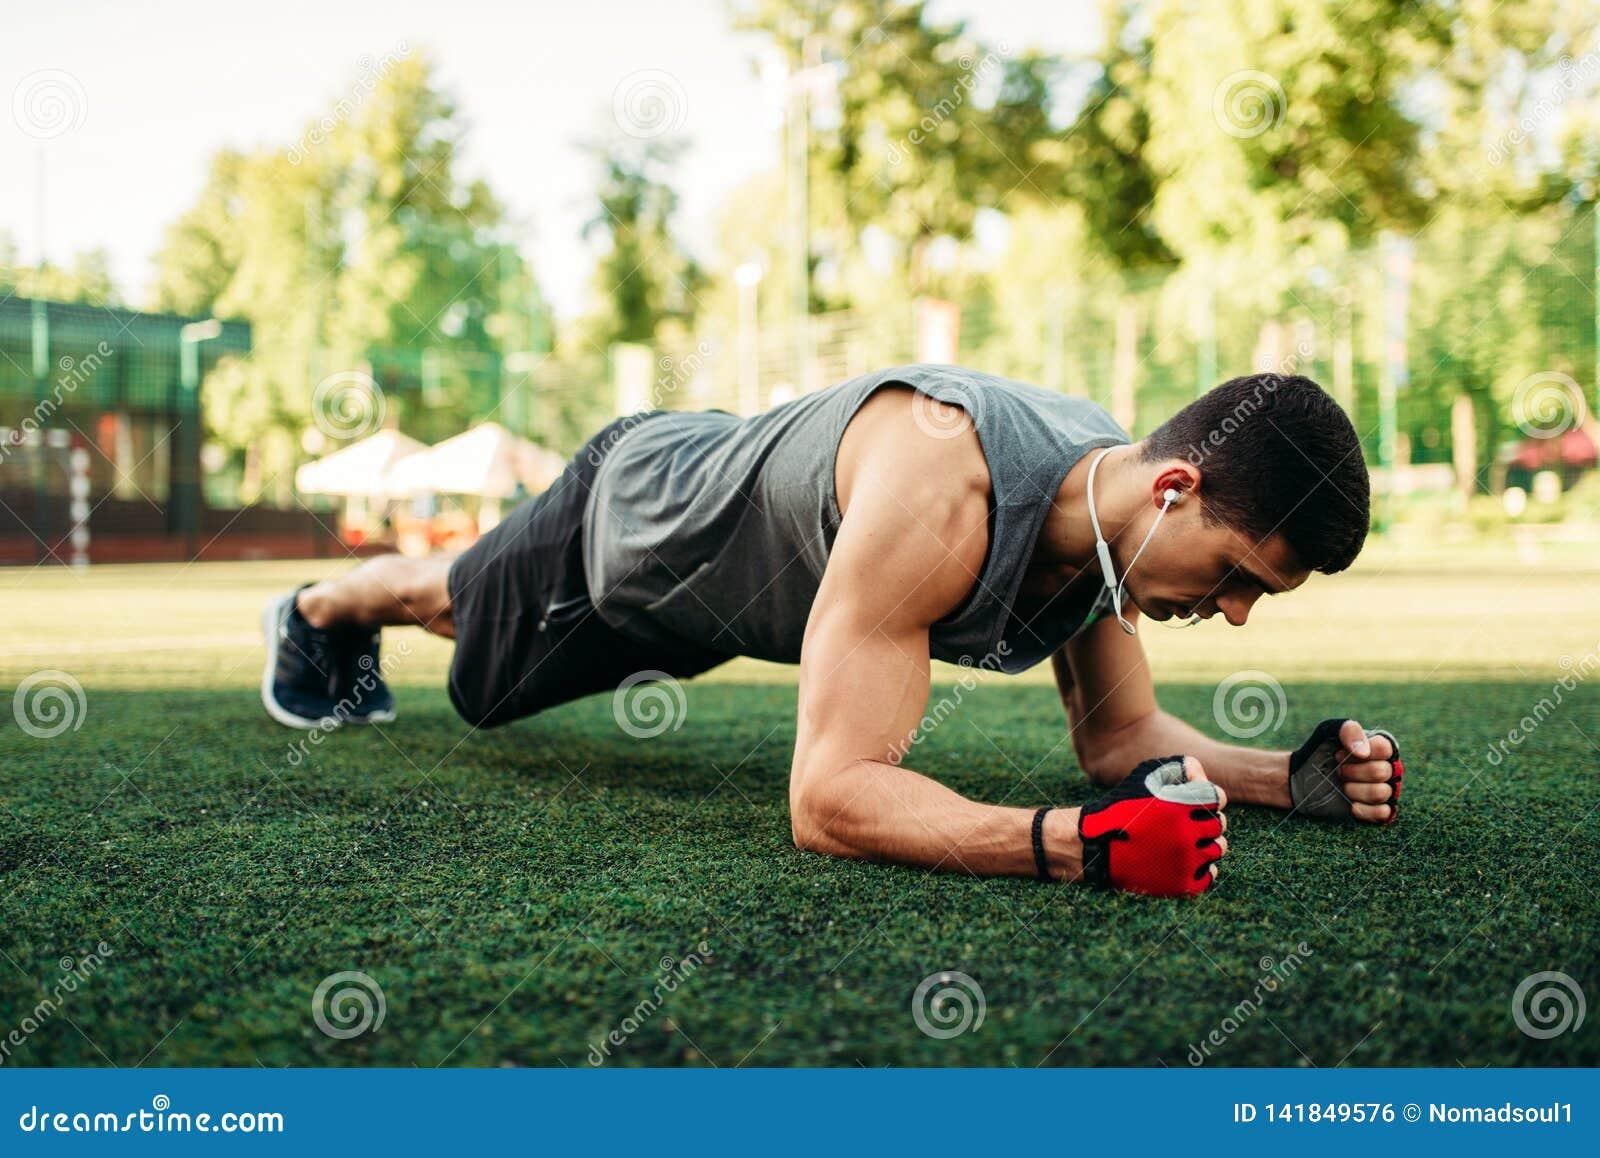 Mens die opdrukoefeningoefening op een gras doen openlucht